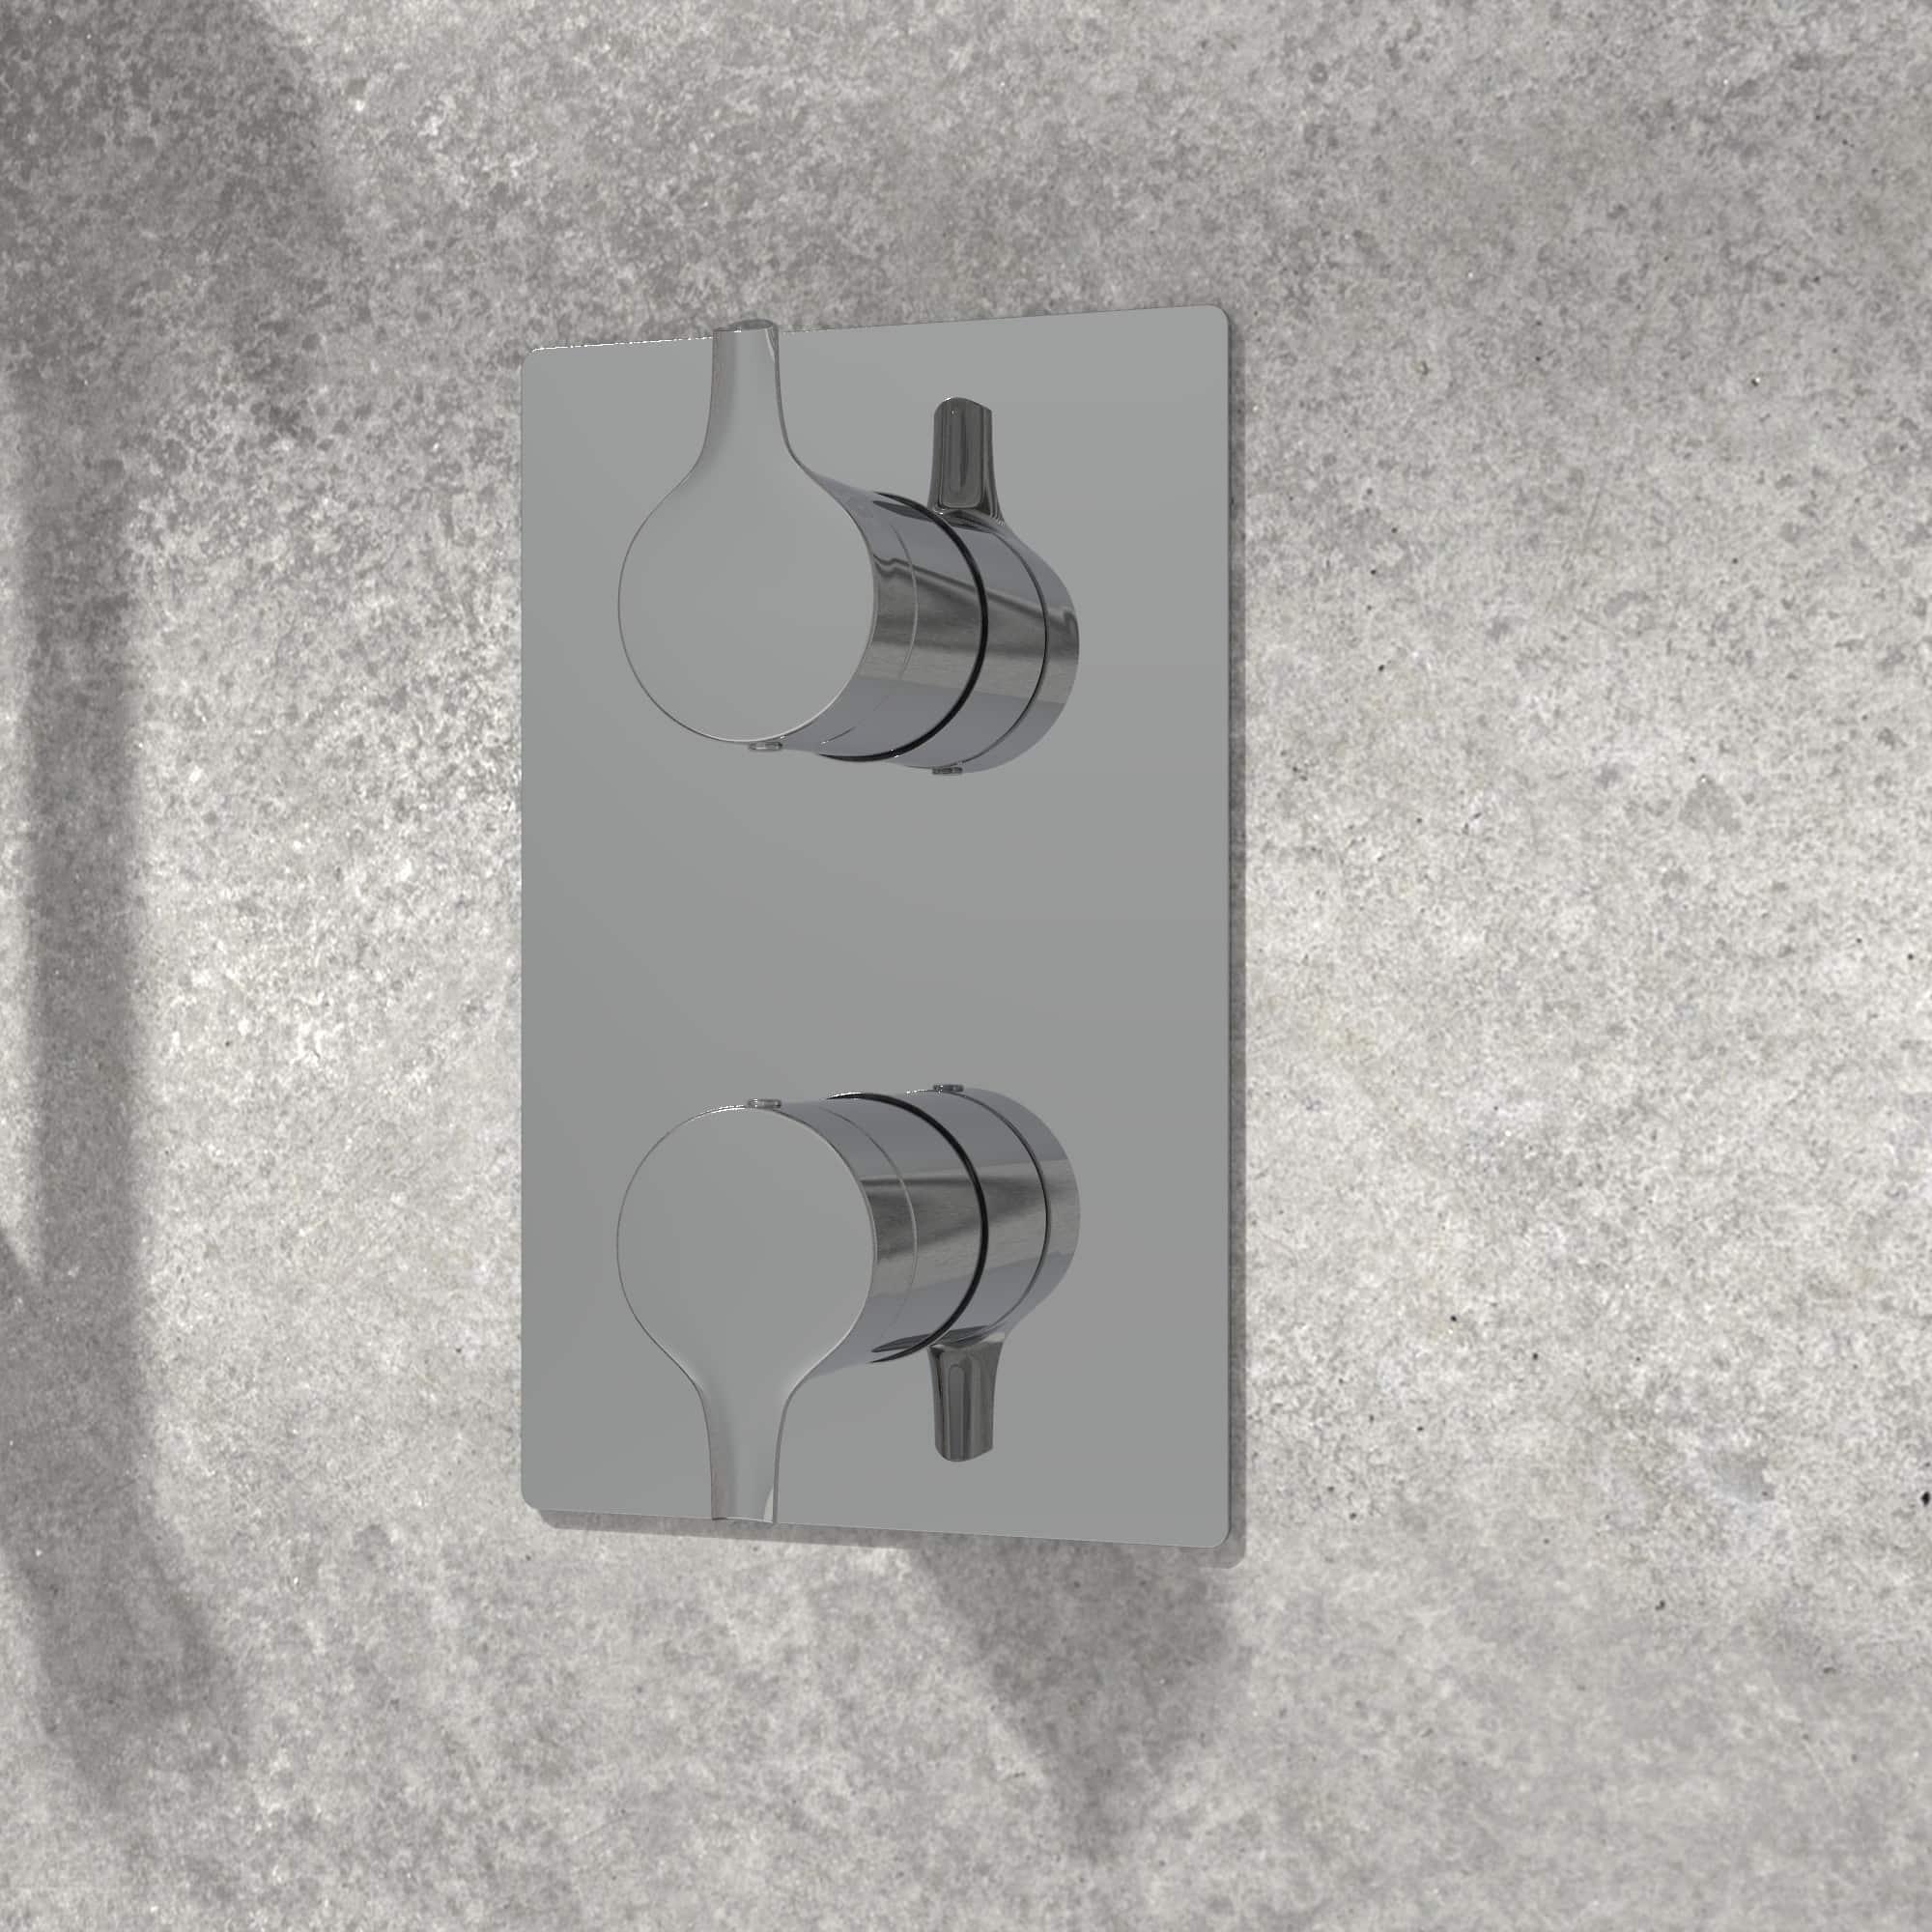 NOB98TS2TCP valve de robinet chrome poli sur mur de pierre